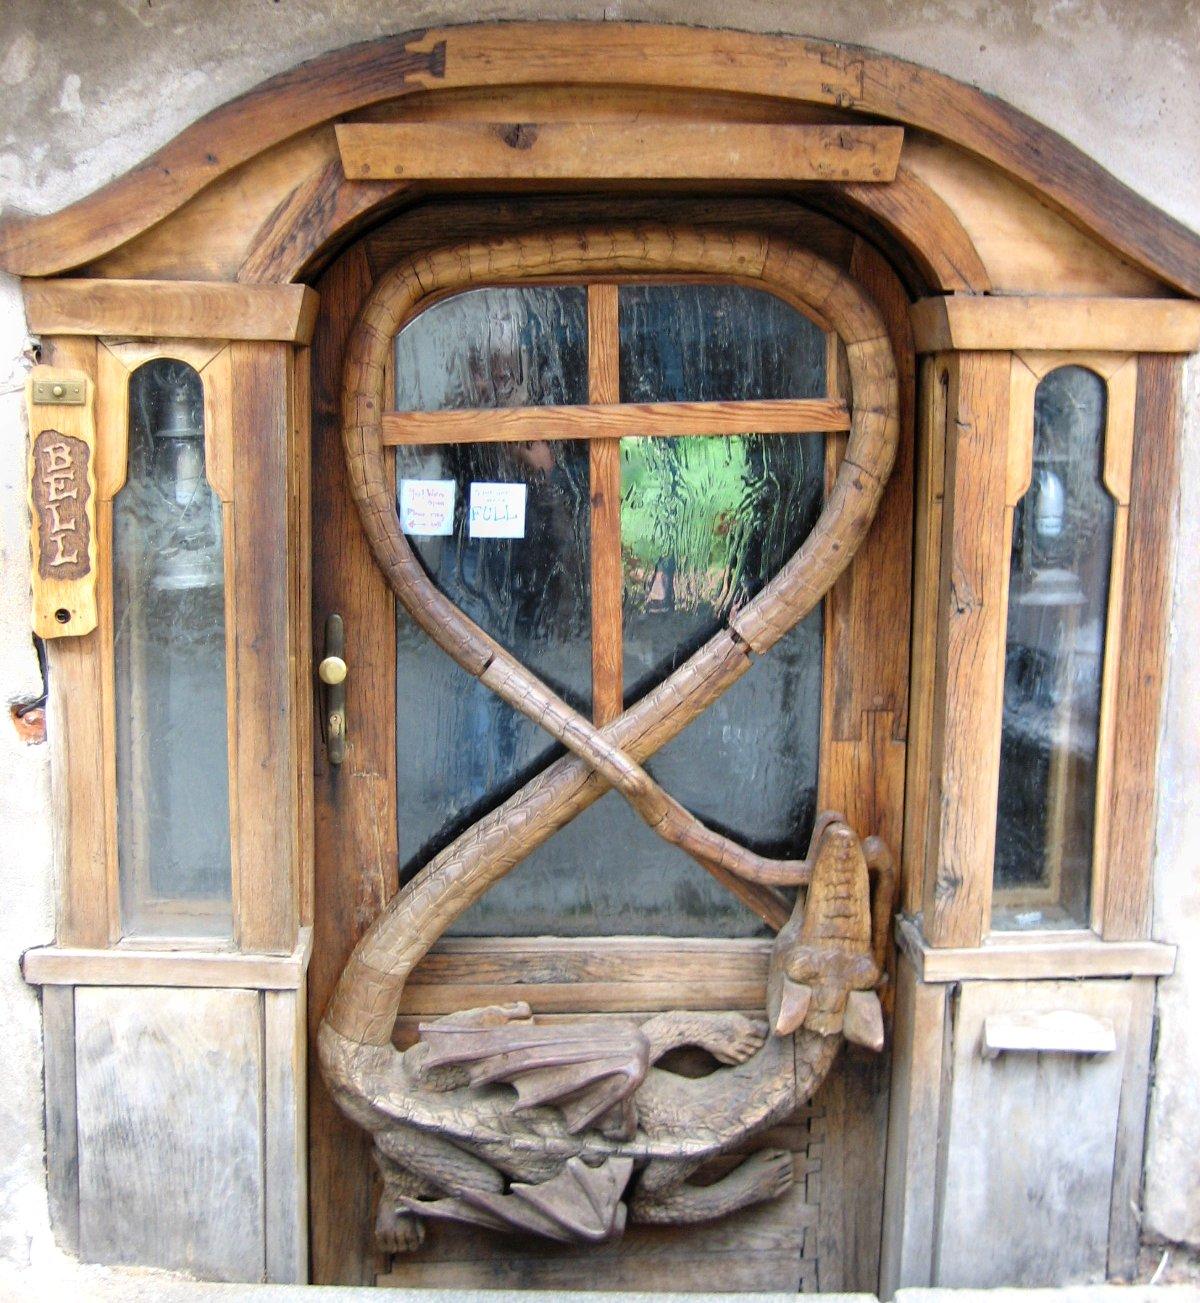 Dragon door in the Czech Republic